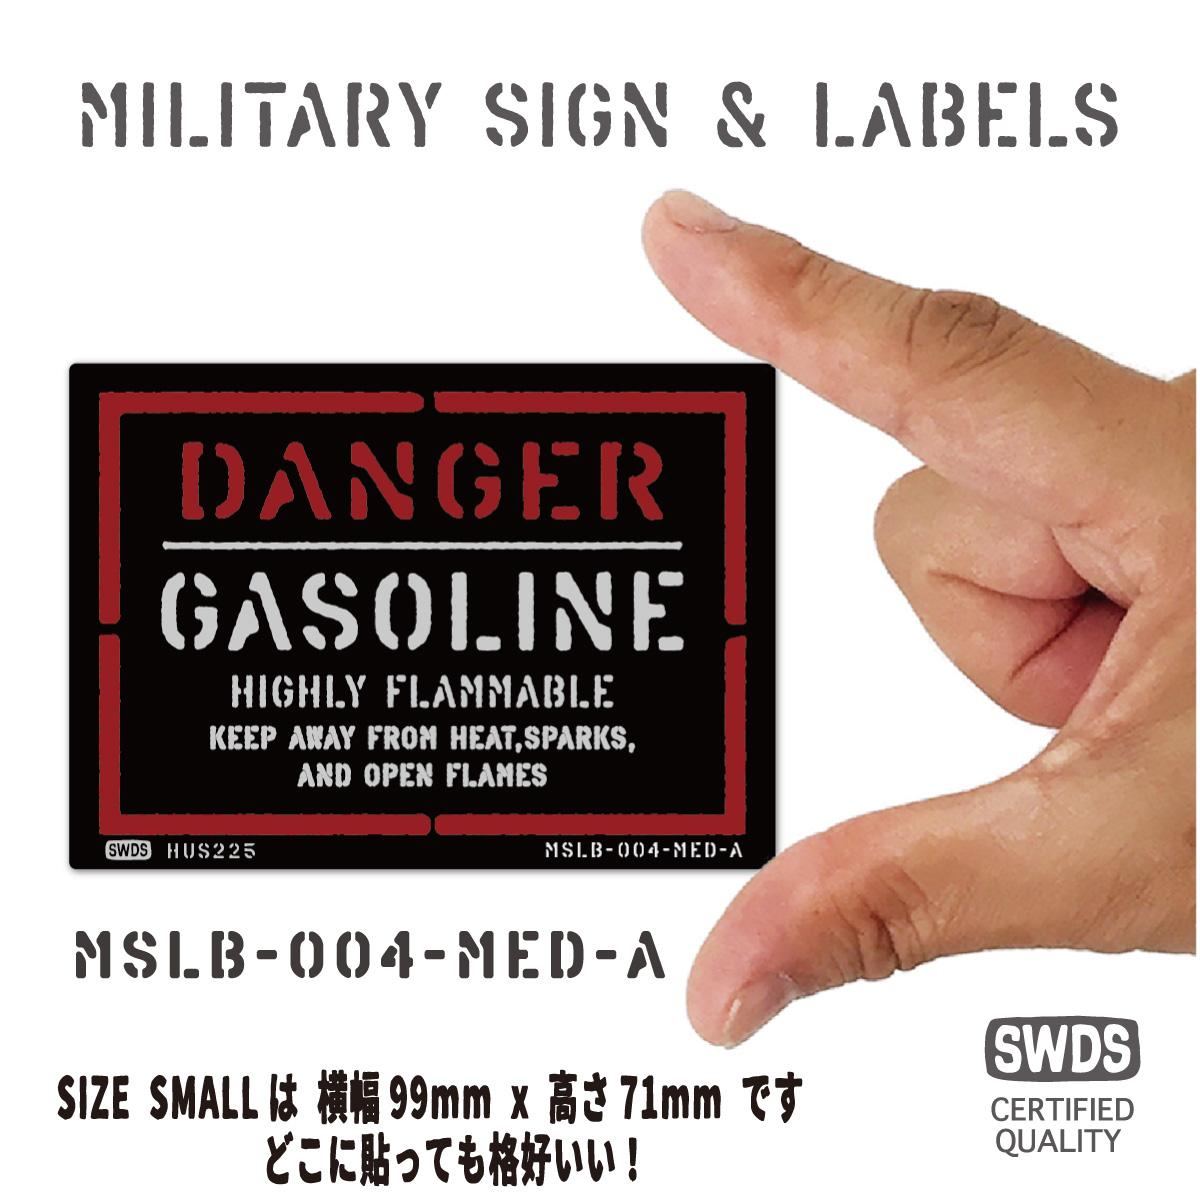 MSLB-004-MED-A